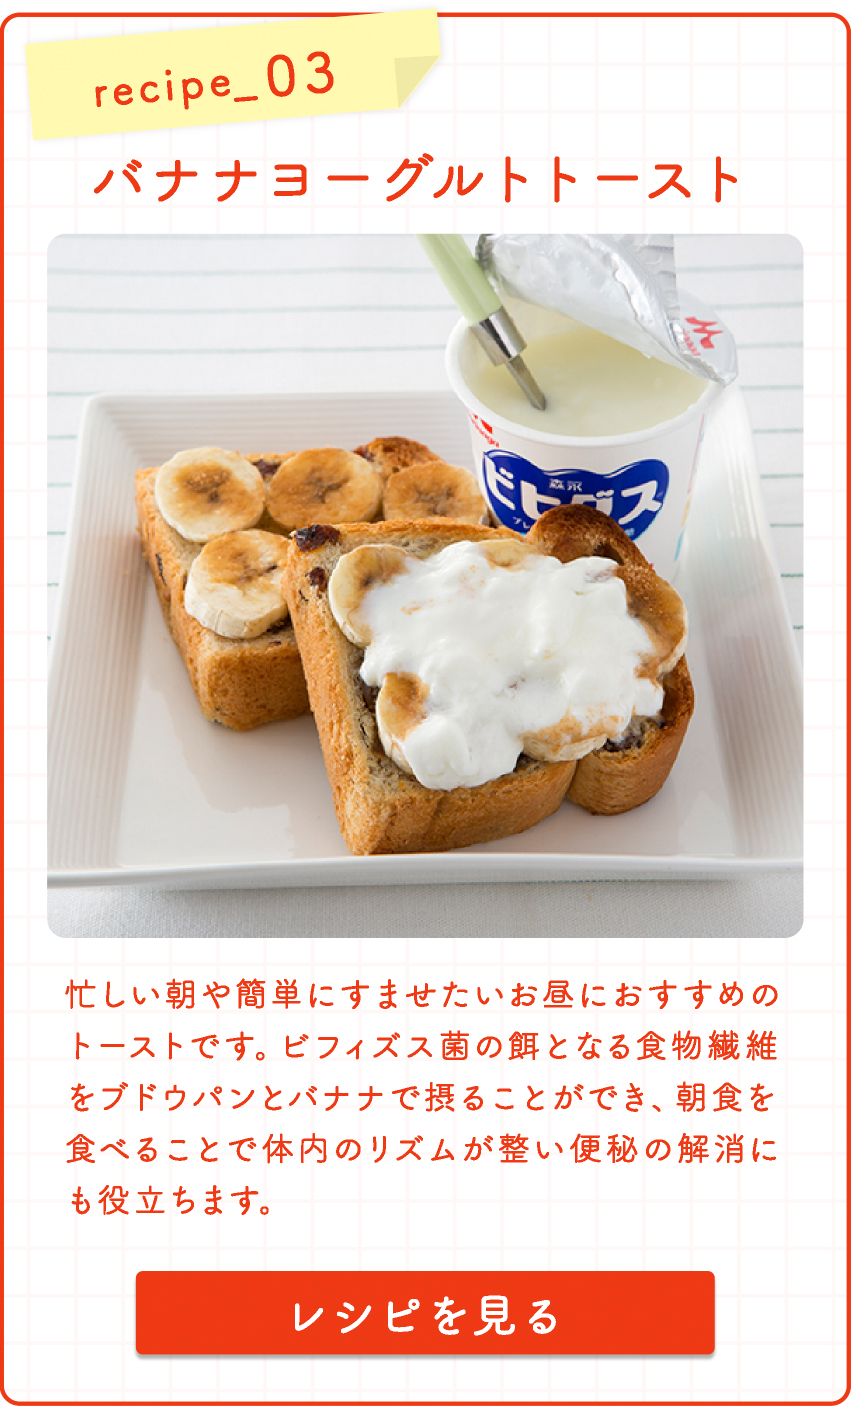 recipe_3 バナナヨーグルトトースト  忙しい朝や簡単にすませたいお昼におすすめのトーストです。ビフィズス菌の餌となる食物繊維をブドウパンとバナナで摂ることができ、朝食を食べることで体内のリズムが整い便秘の解消にも役立ちます。